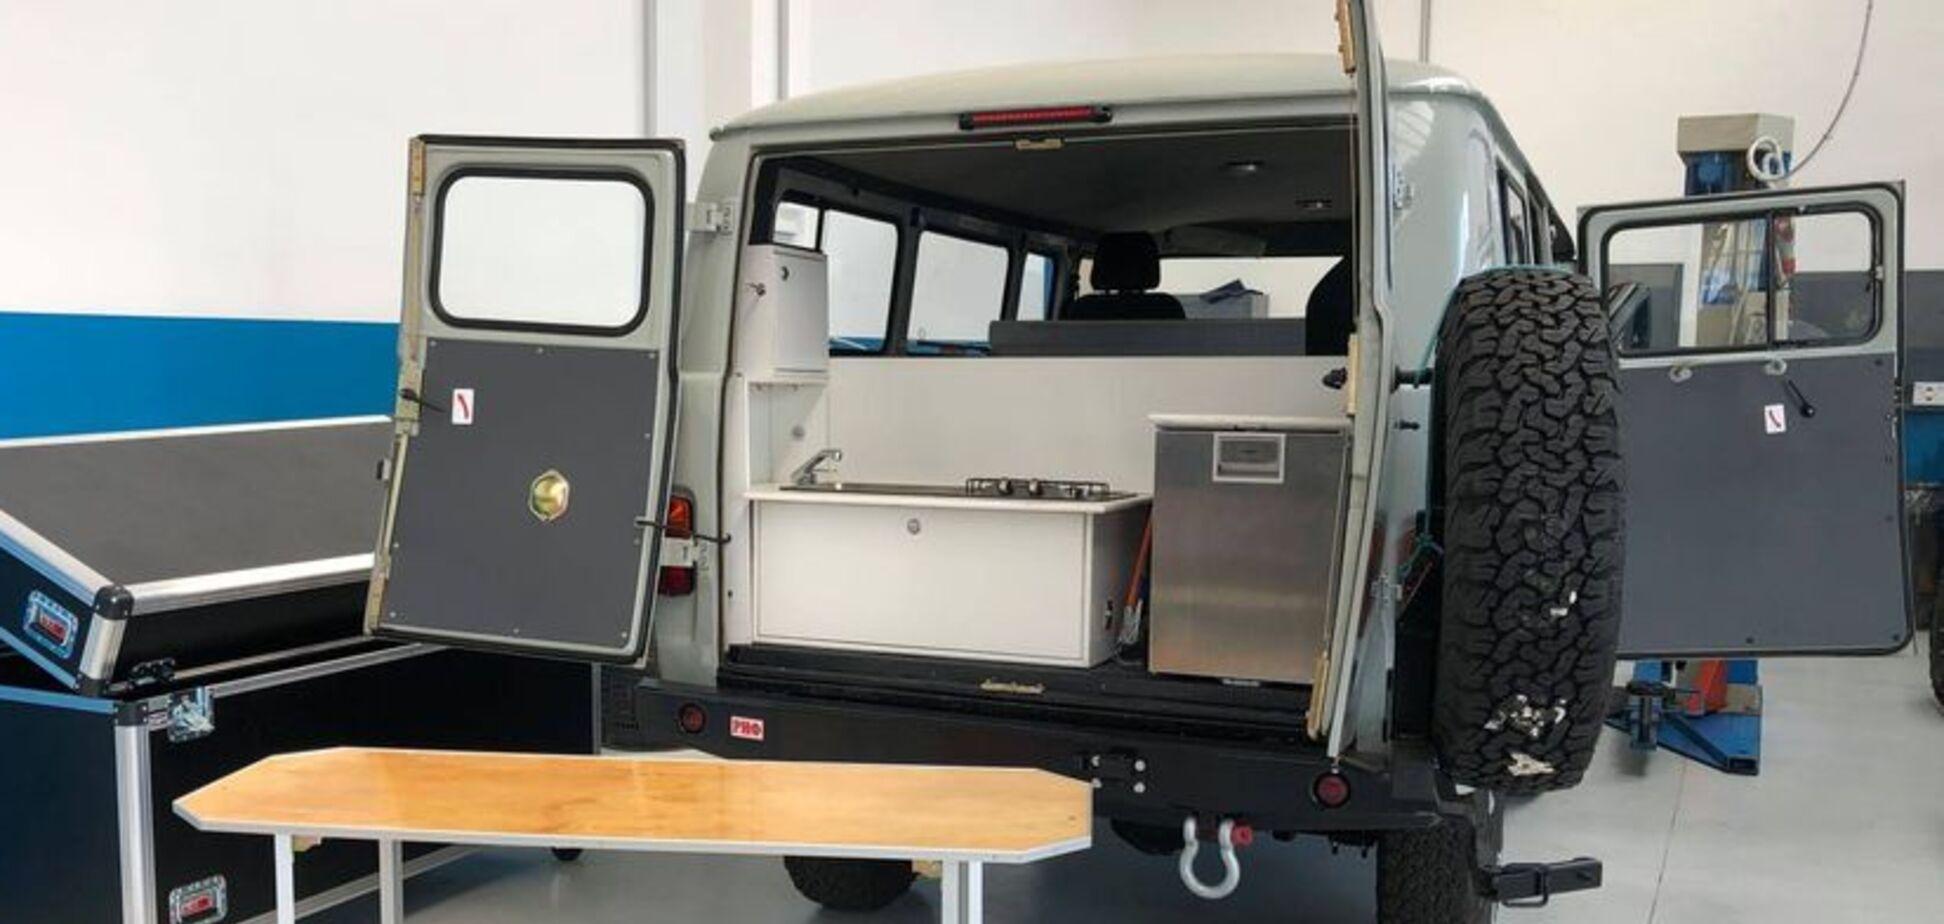 УАЗ-2206 превратили в современный кемпер. Фото: carakoom.com